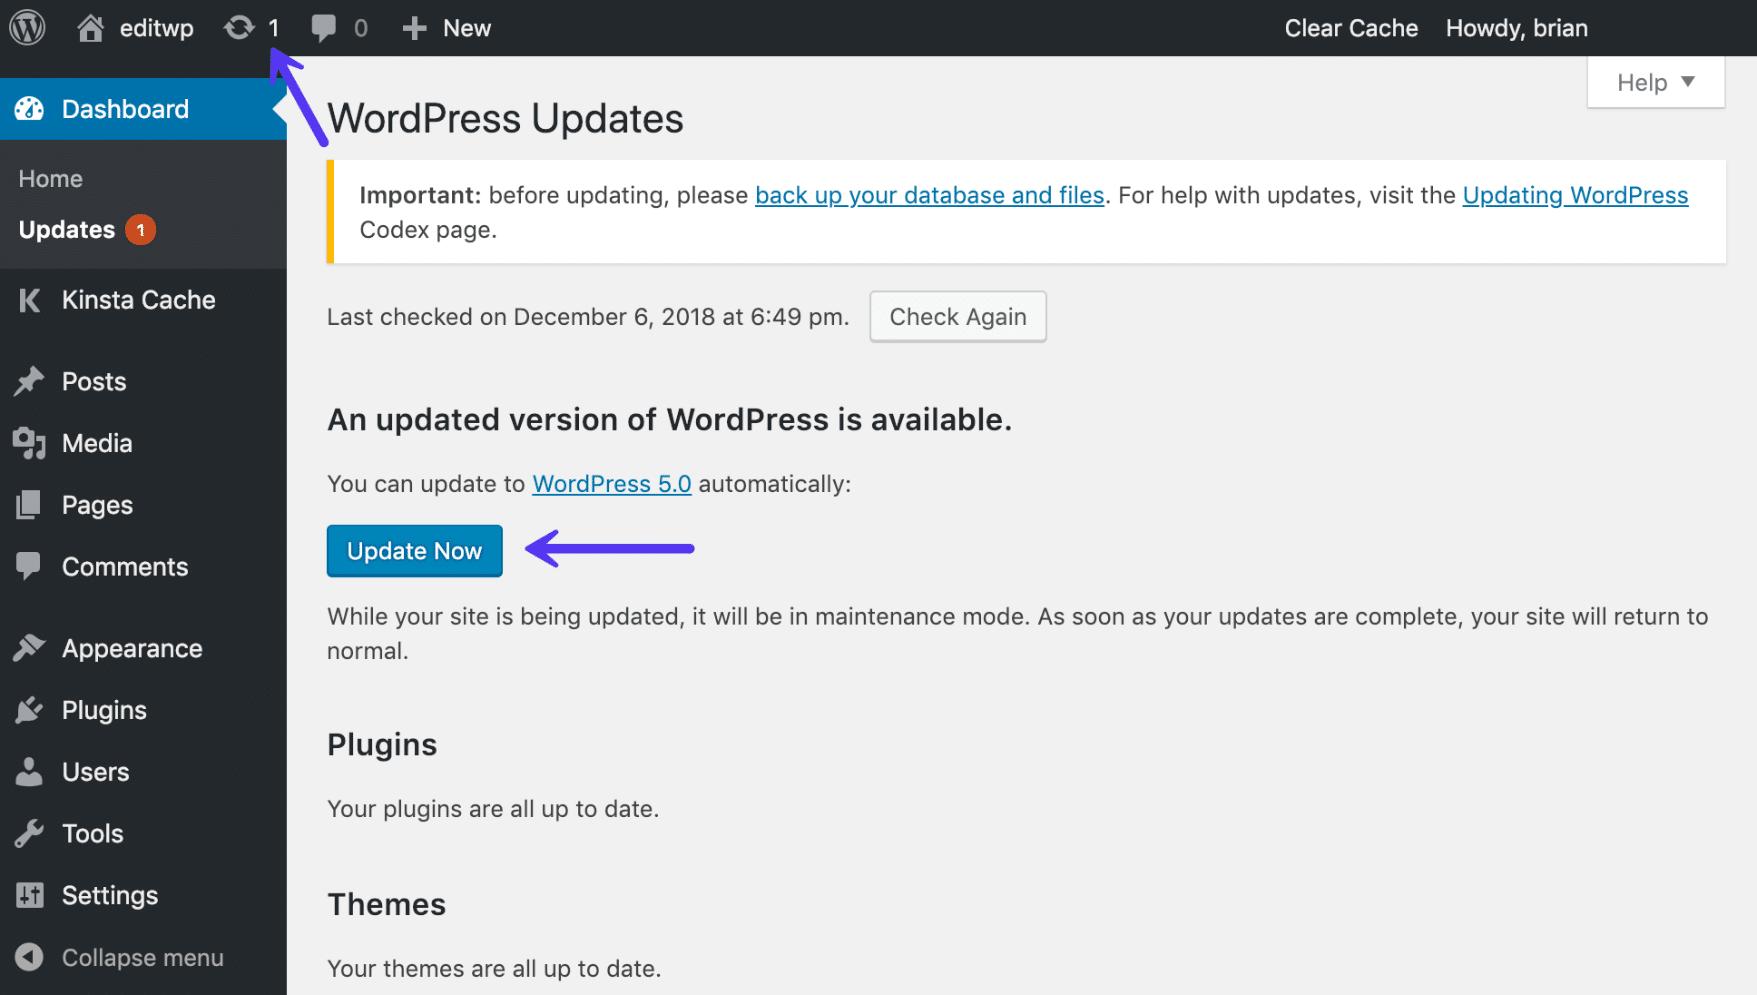 Aggiornare a WordPress 5.0